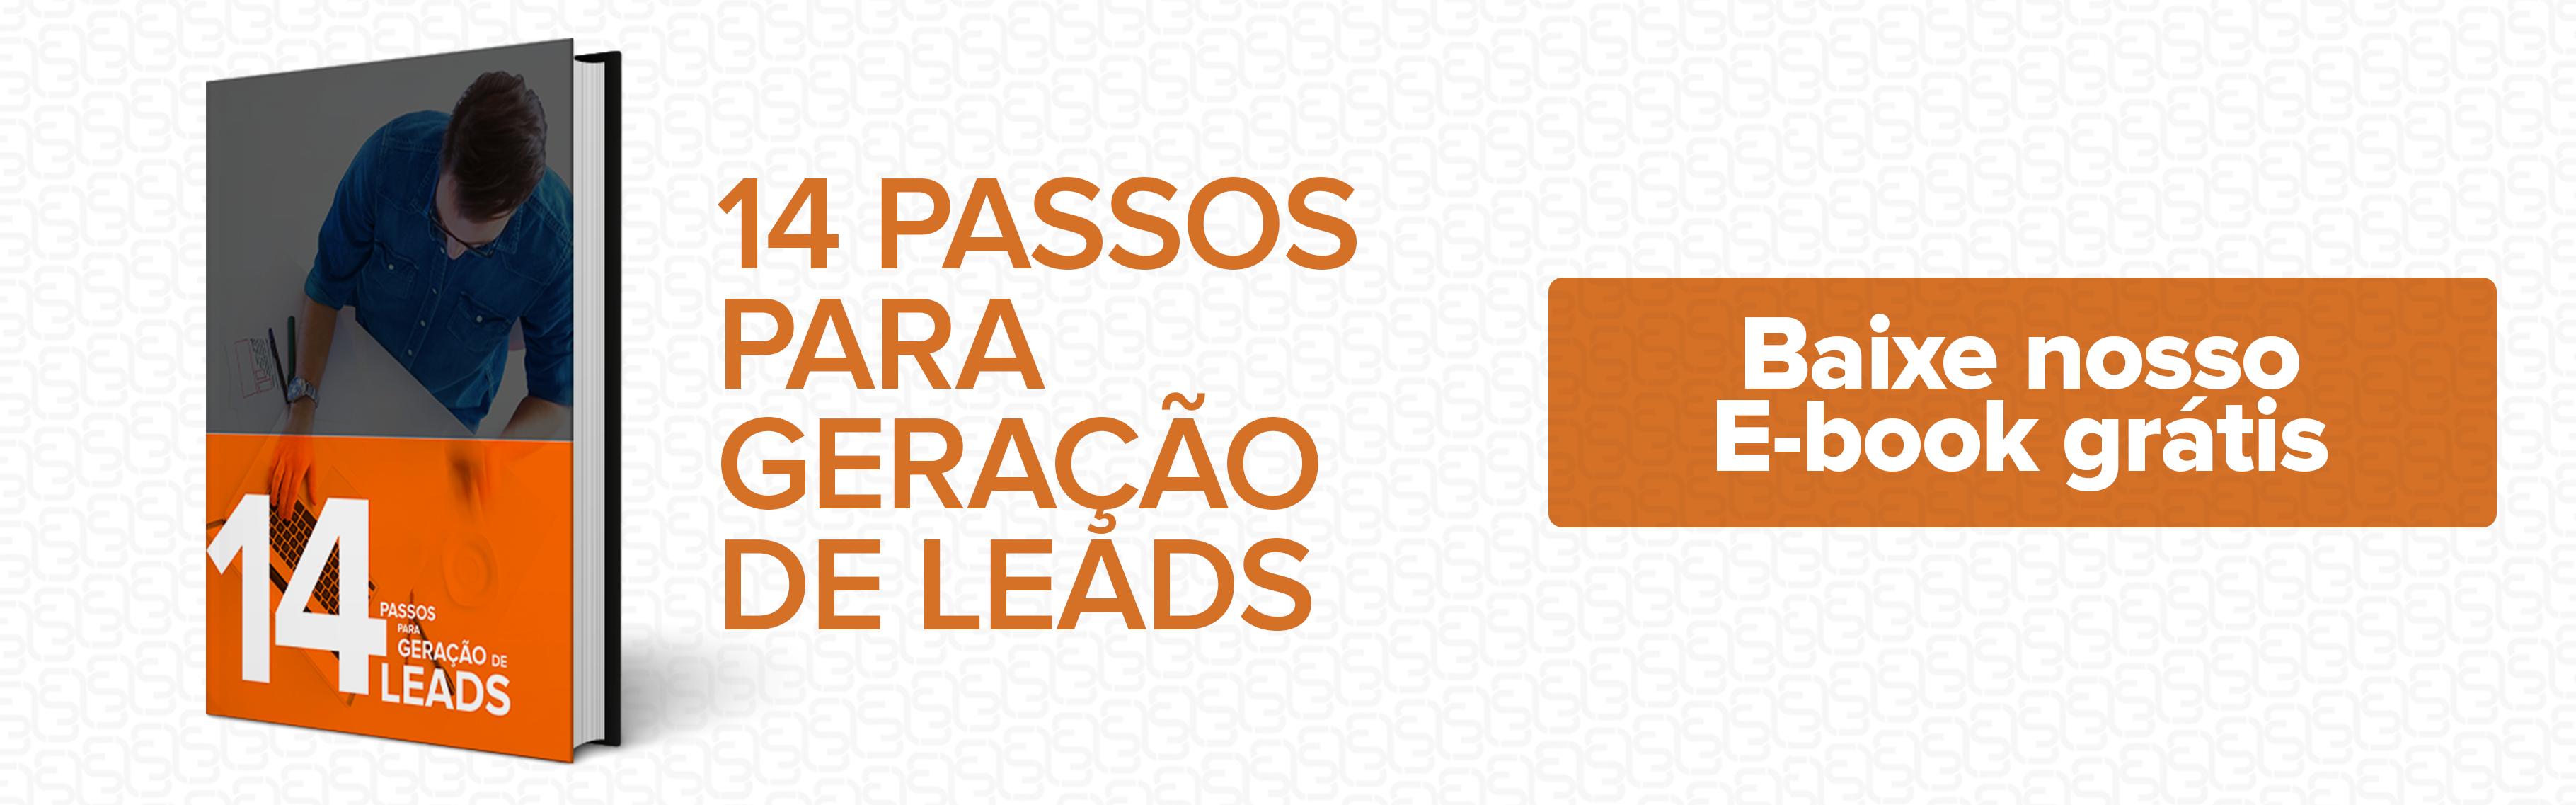 ebook 14 passos para geração de leads